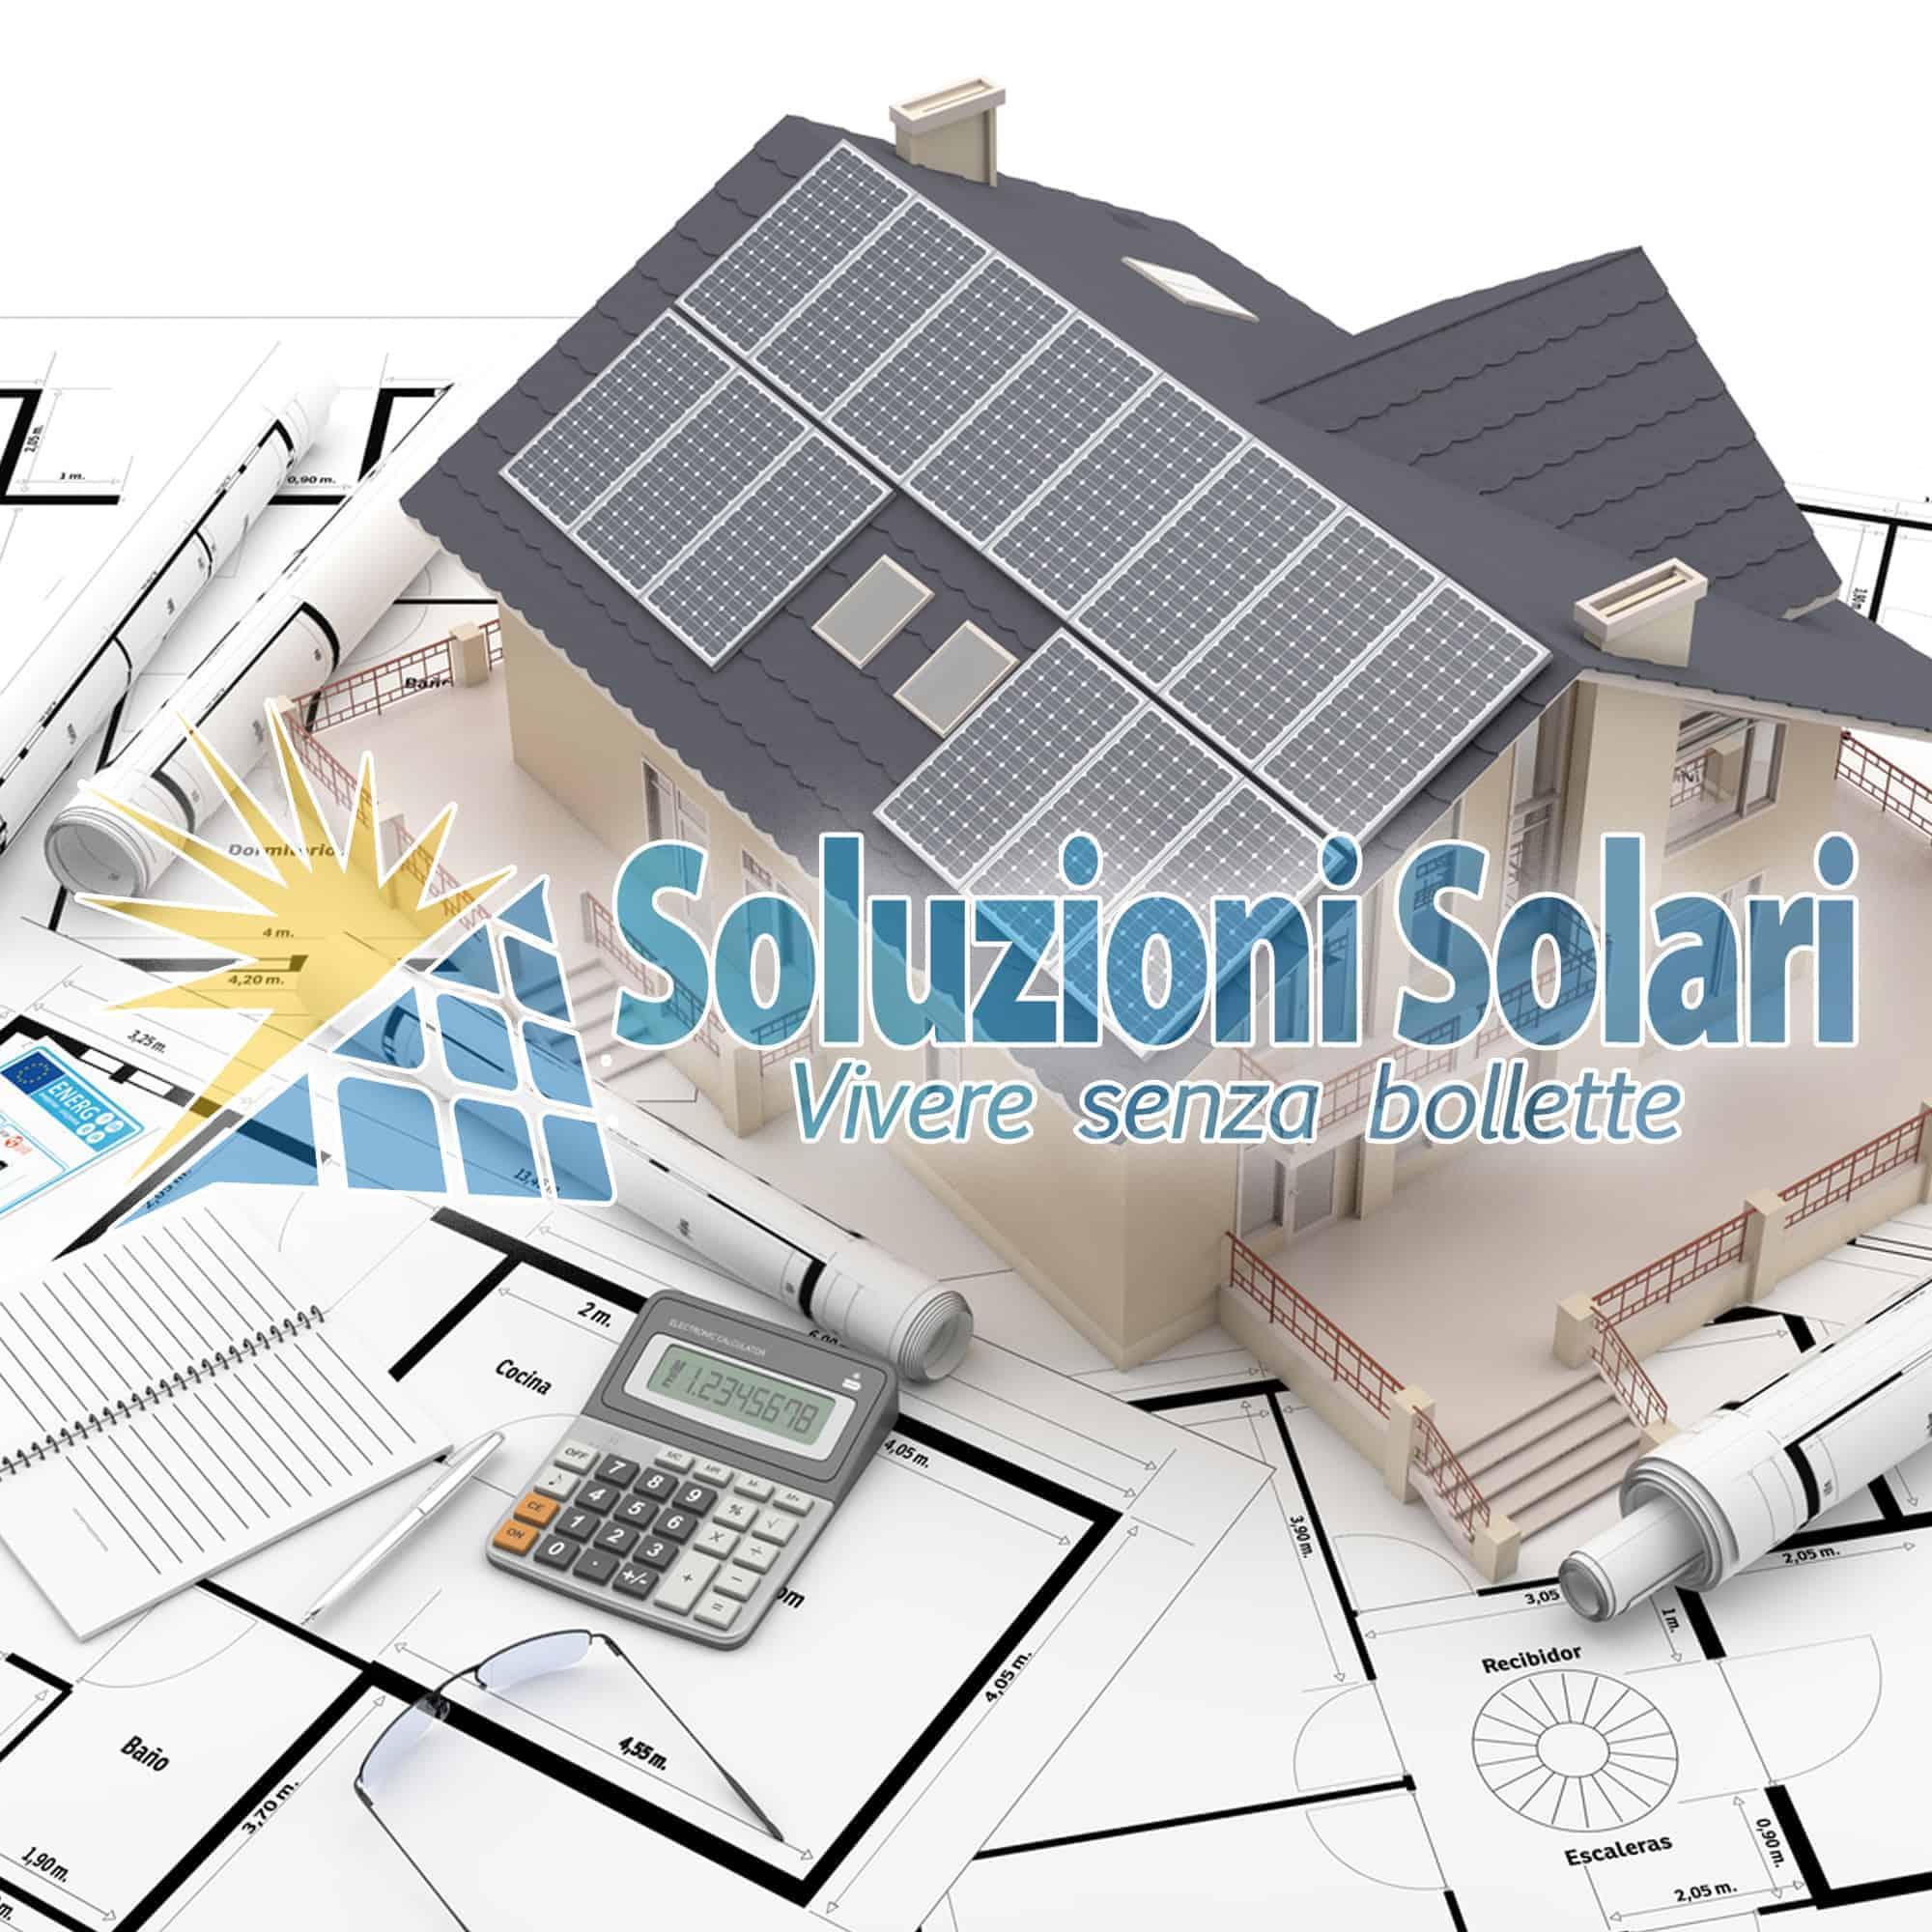 Soluzioni solari impianti no gas per vivere senza bollette - Quanto costa ristrutturare casa da zero ...